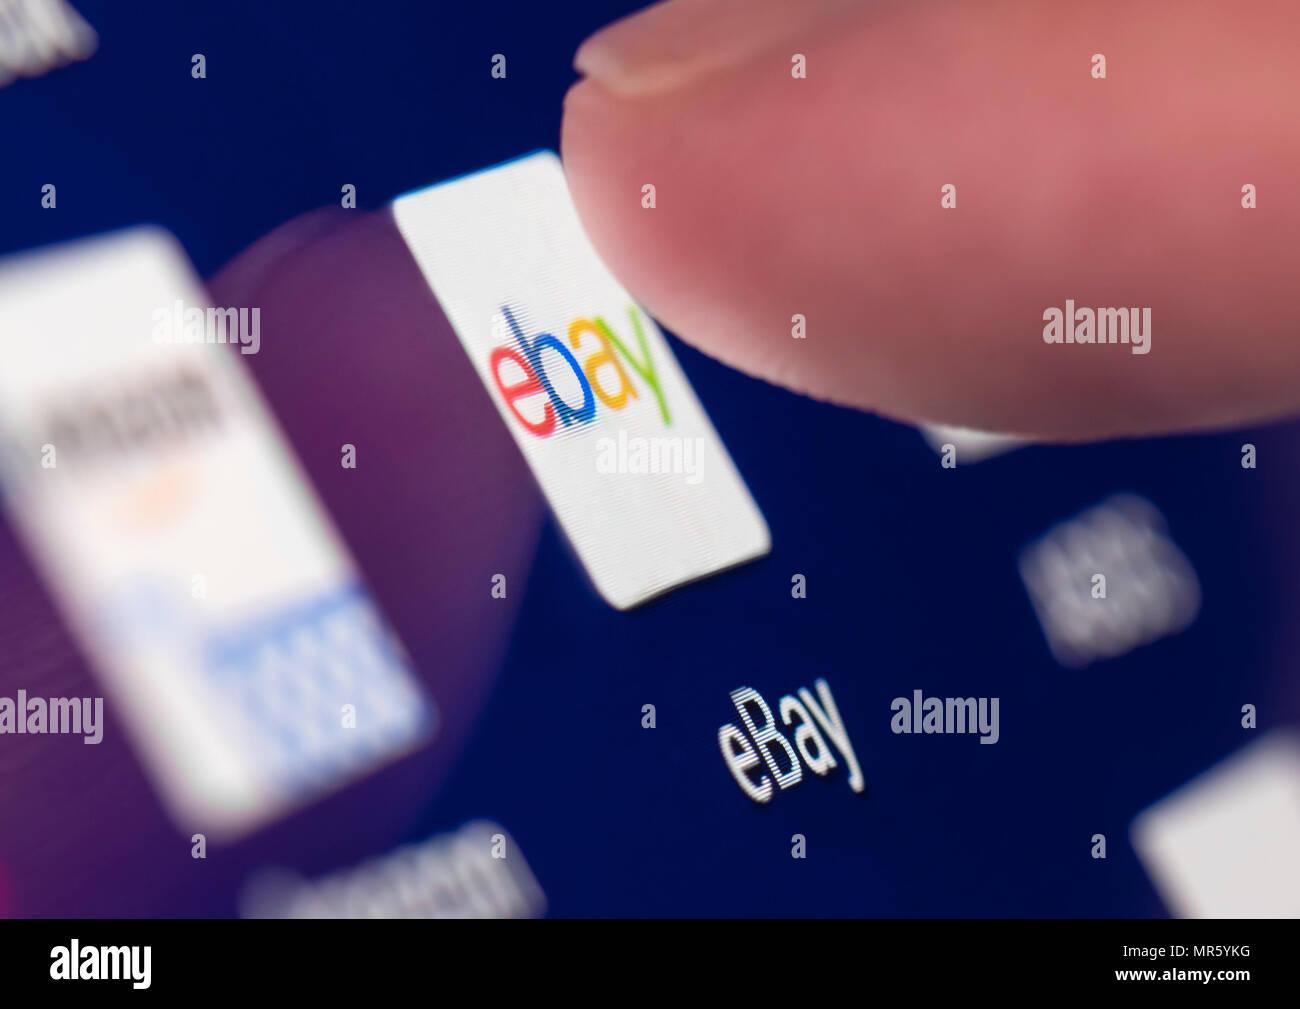 Doigt qui appuie sur l'icône de l'application Ebay sur un appareil mobile écran tactile sur une tablette ou smartphone. Photo Stock